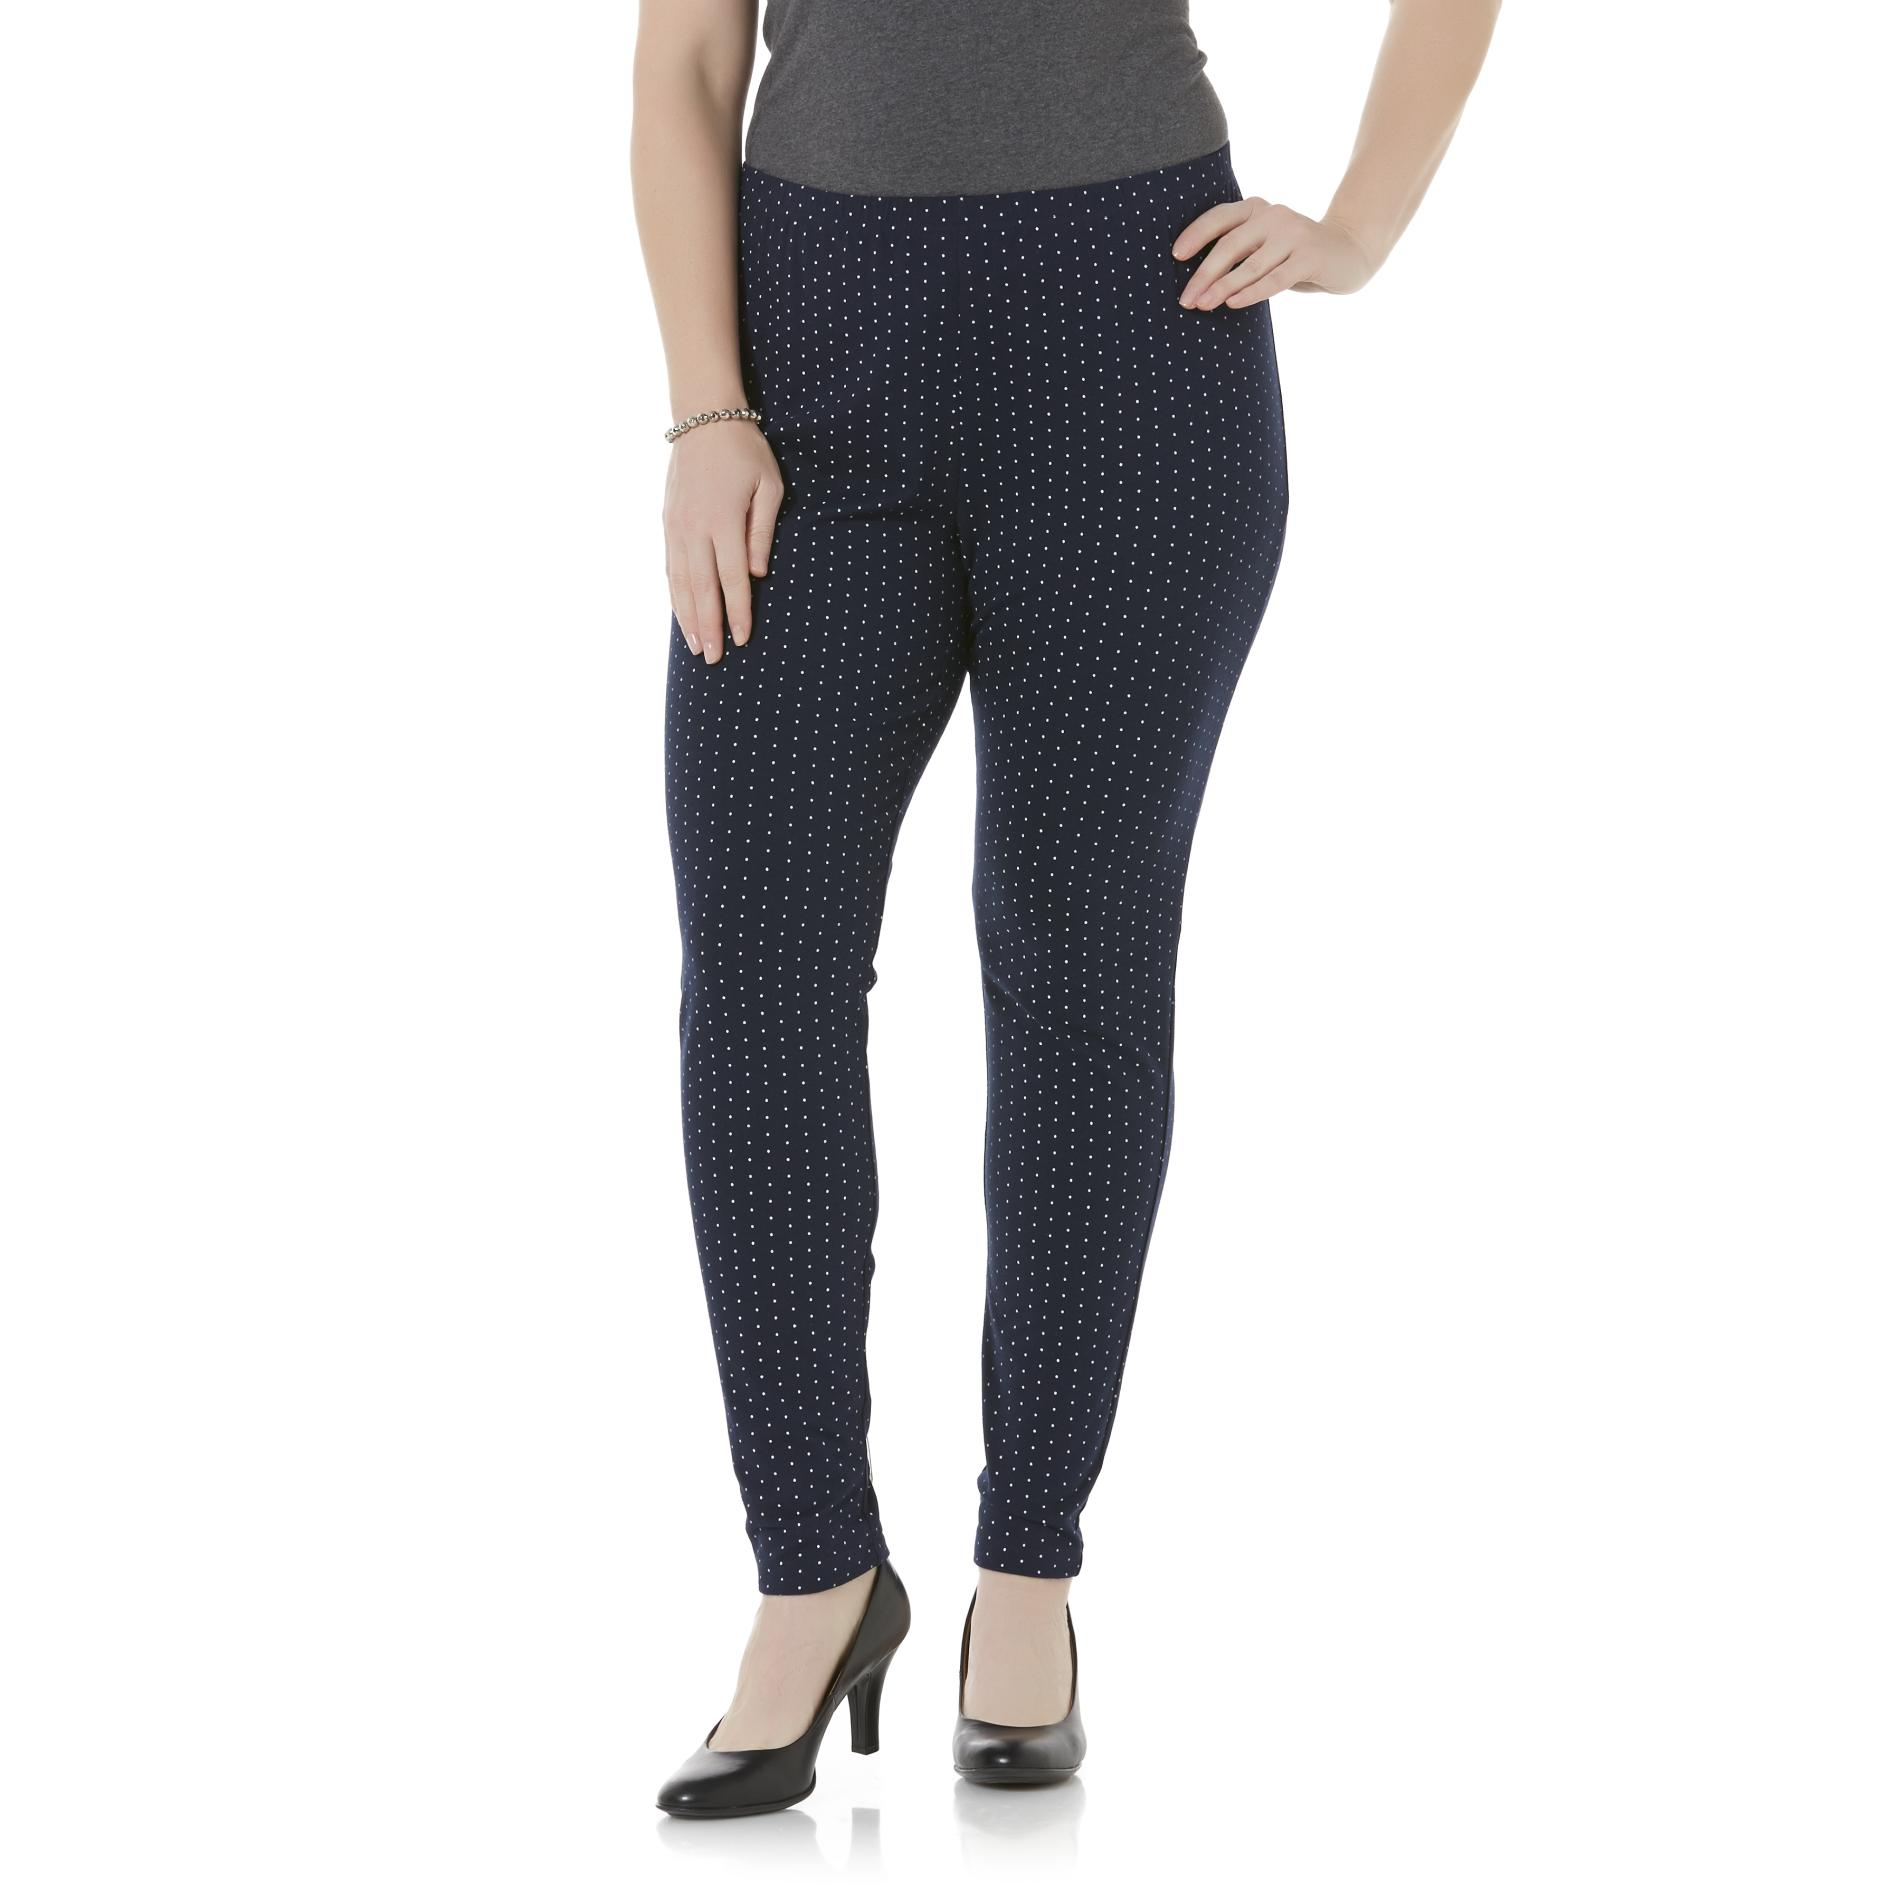 Basic Editions Women' Leggings - Dot Kmart